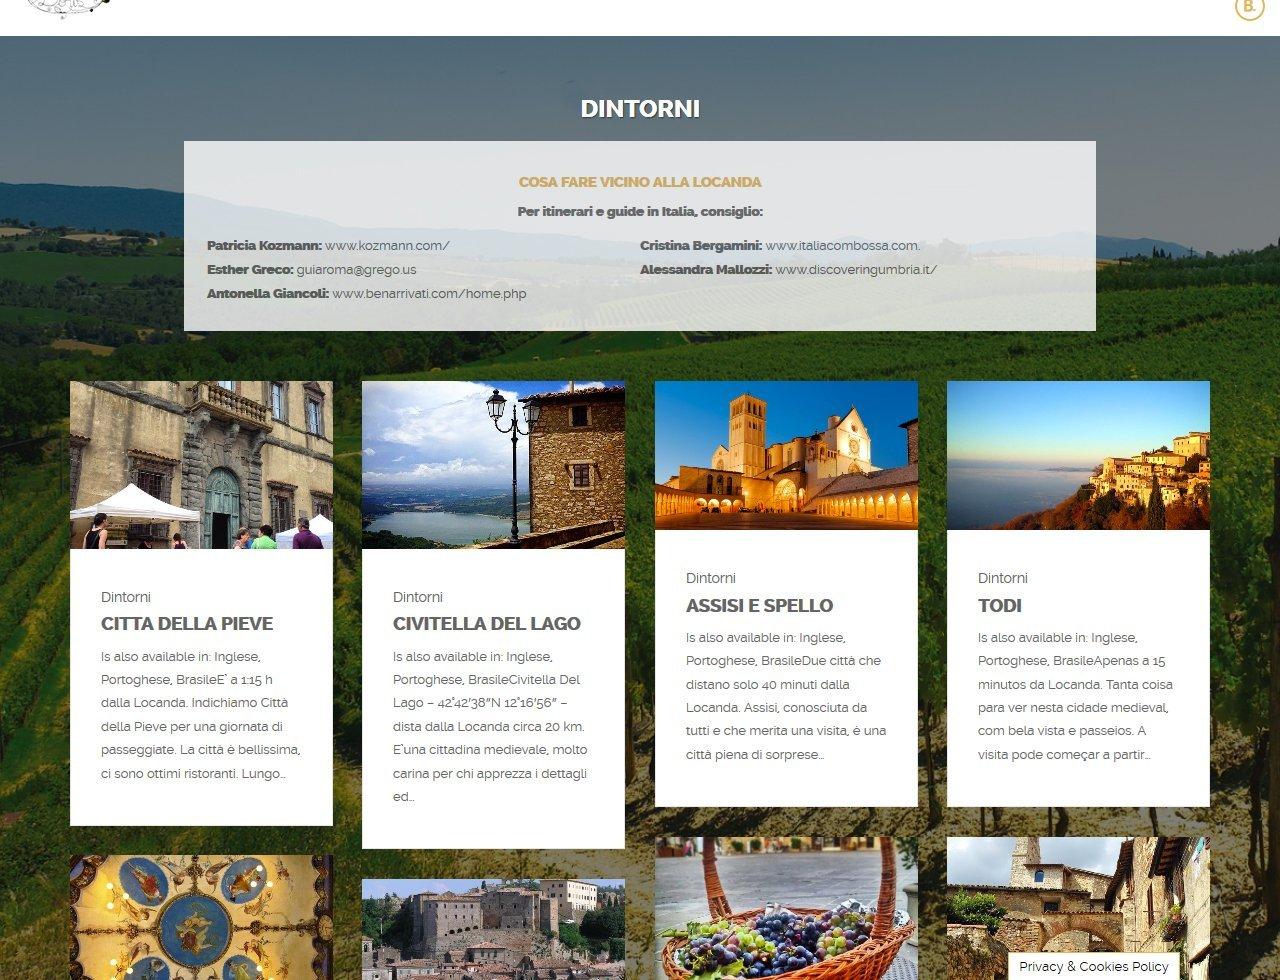 UpYourBrand - Sviluppo Sito Web - Locanda di Doris - Dintorni